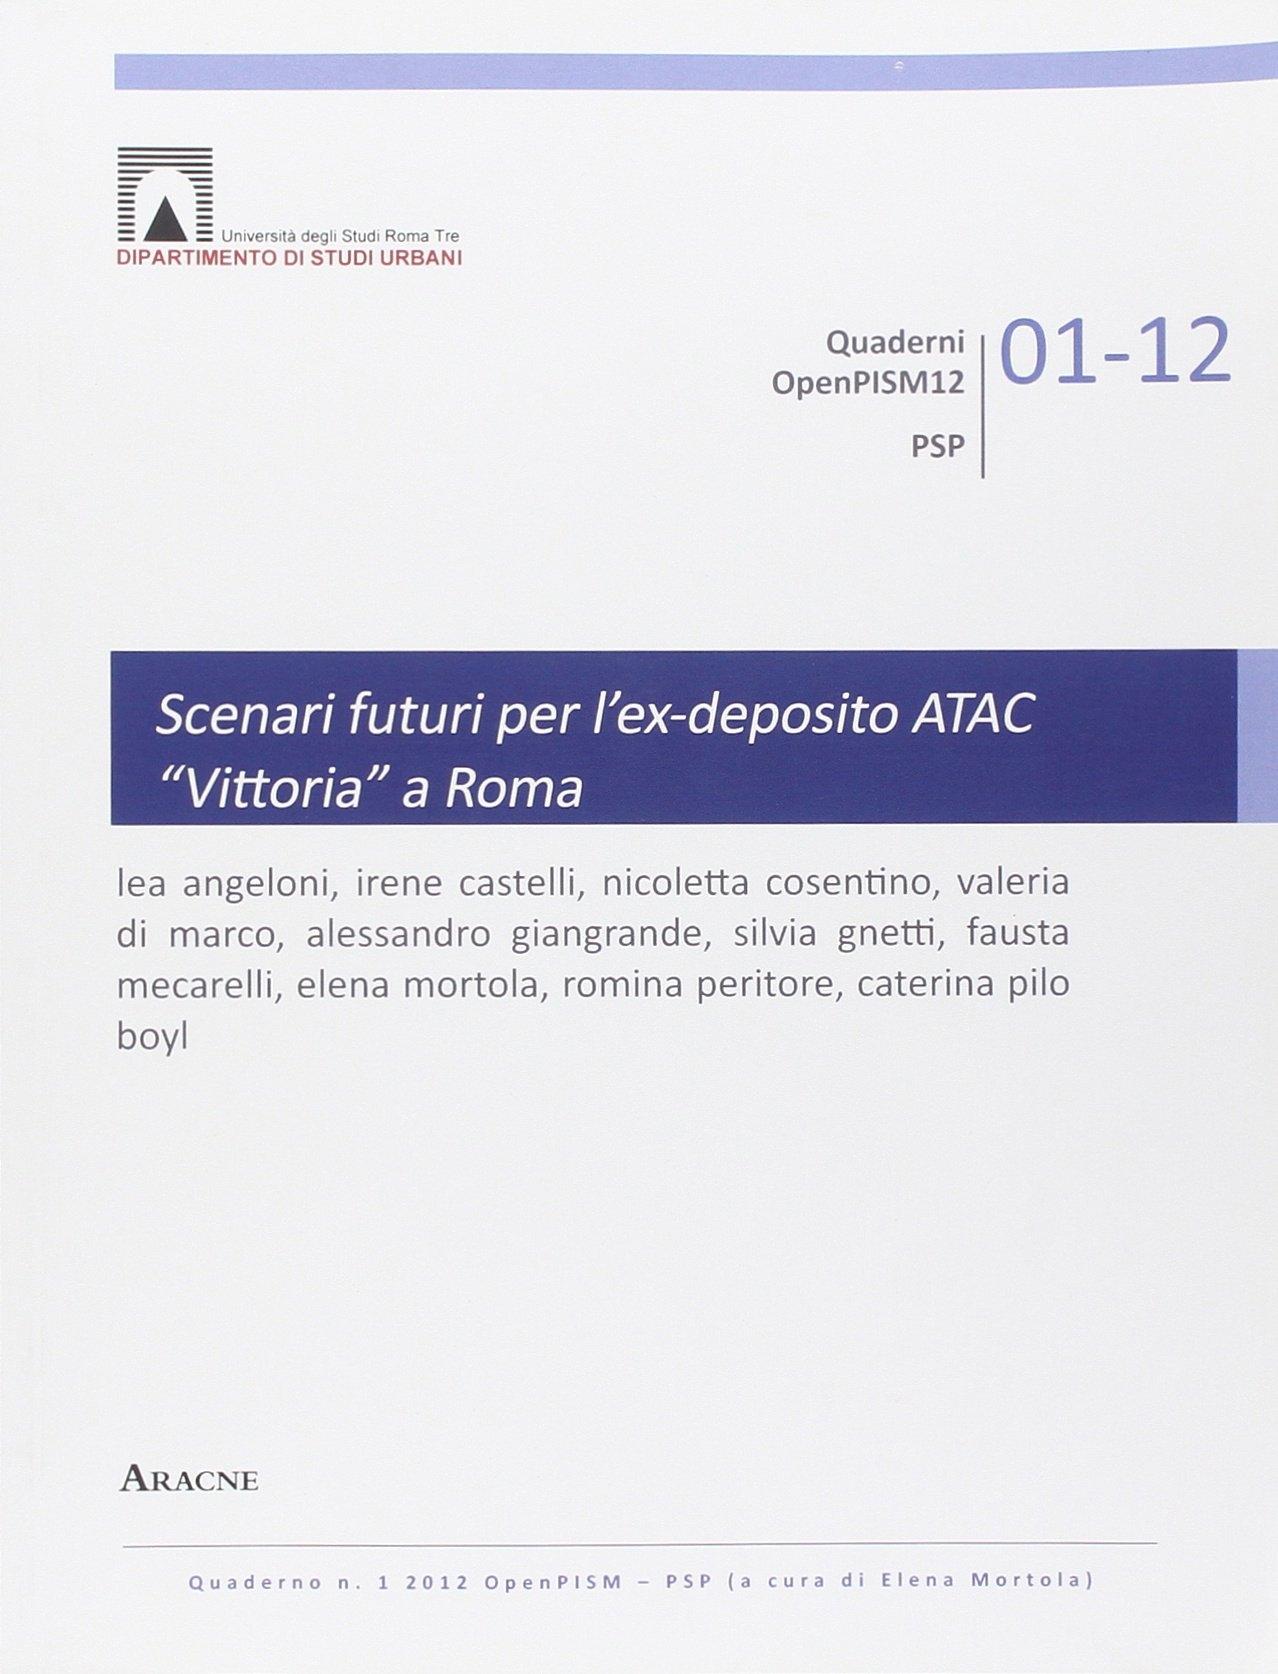 Scenari futuri per l'ex-deposito ATAC Vittoria a Roma